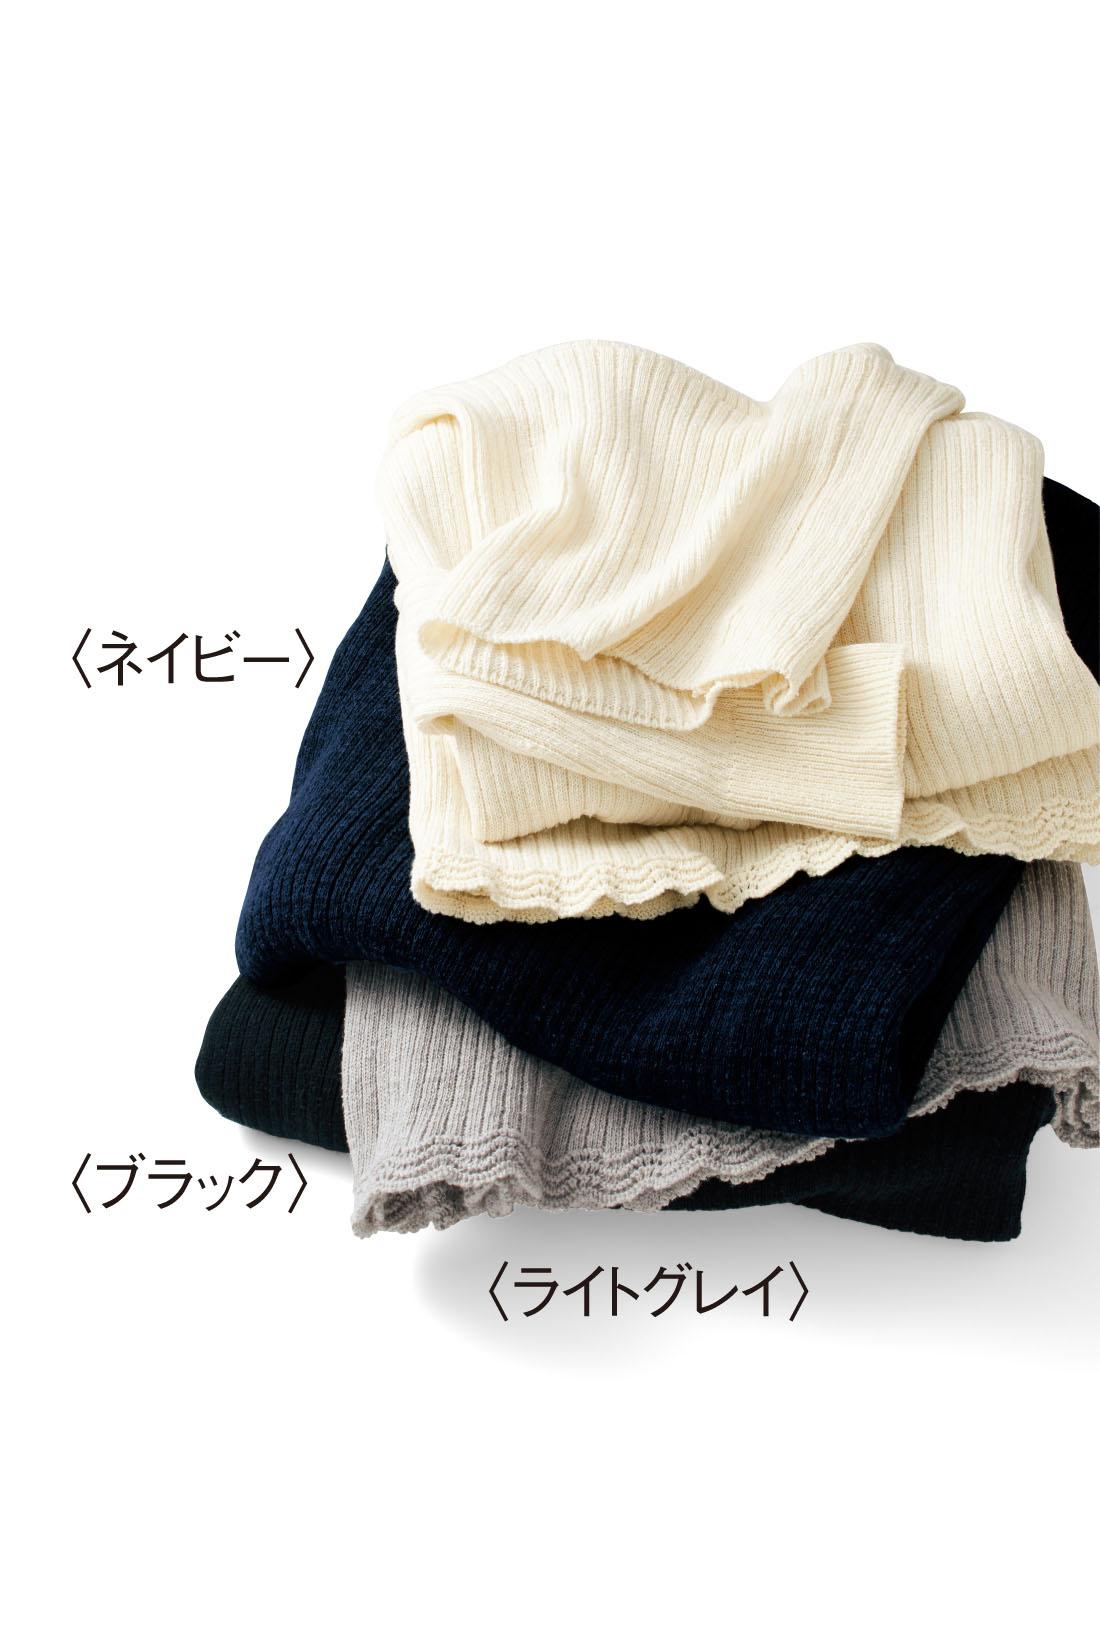 これは参考画像です。すその透かし編みがかわいいポイントに。